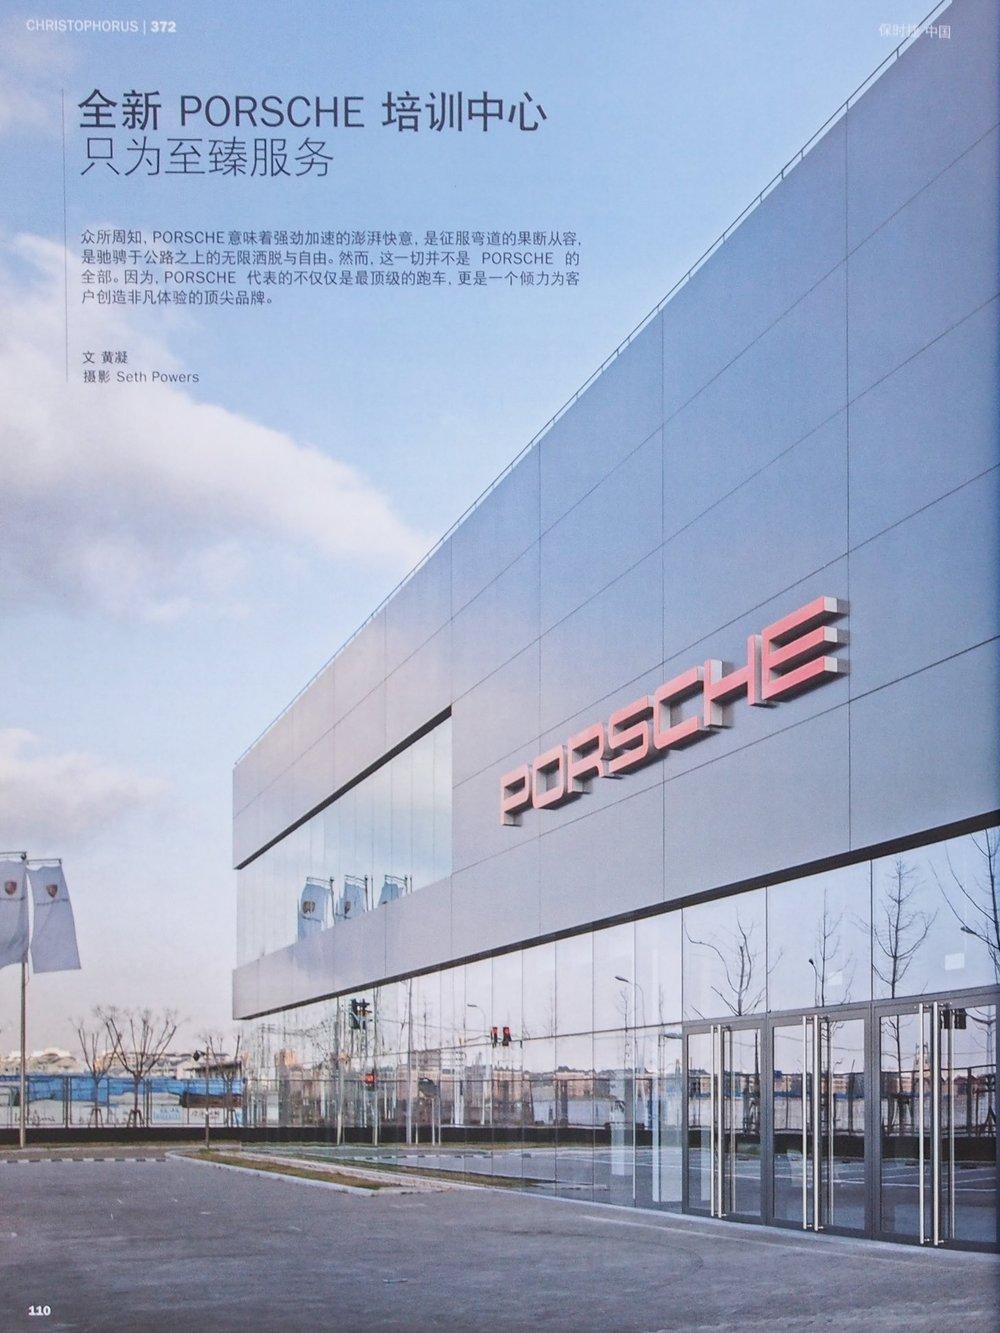 Christophorus | March 2015 - Porsche Training Center in Shanghai